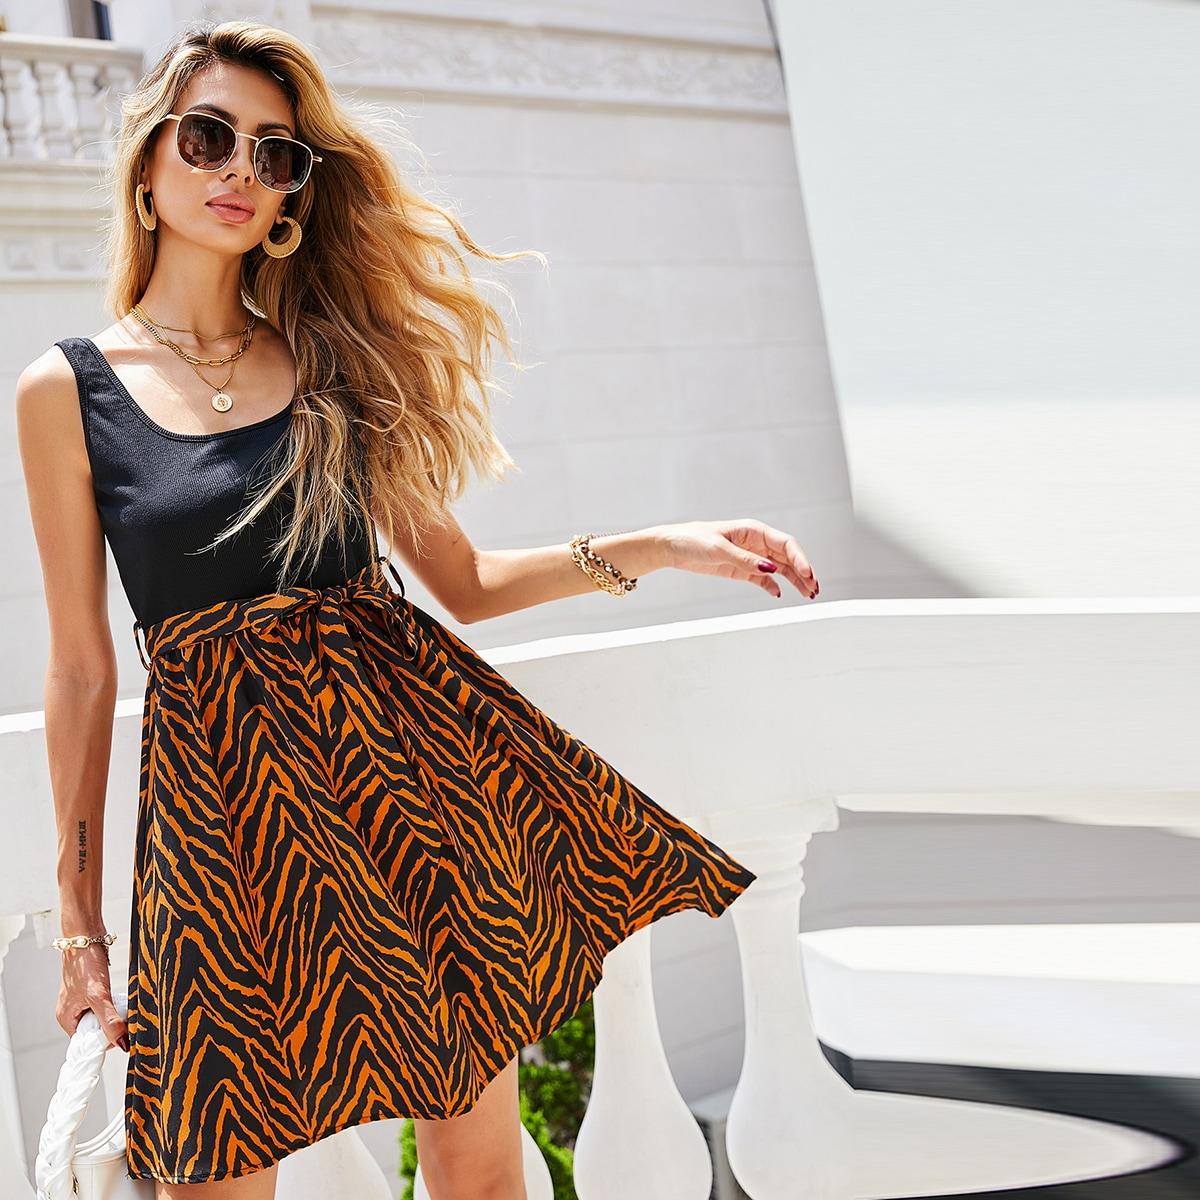 Комбинированное платье с узором зебры без рукавов поясом SheIn swdress44210616610